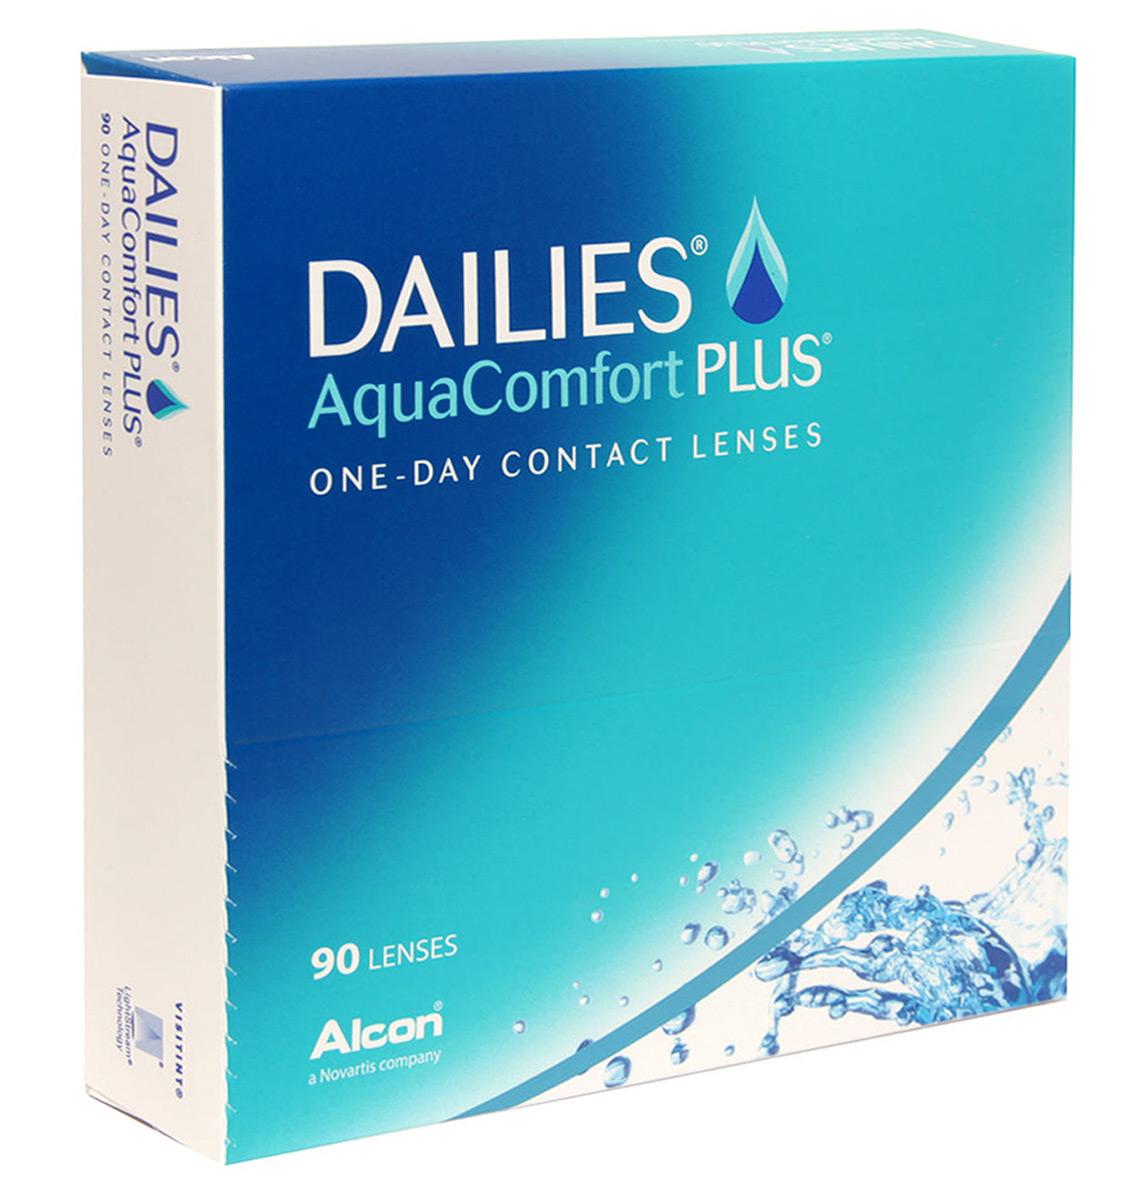 Alcon-CIBA Vision контактные линзы Dailies AquaComfort Plus (90шт / 8.7 / 14.0 / -1.50)38370Dailies AquaComfort Plus - это одни из самых популярных однодневных линз производства компании Ciba Vision. Эти линзы пользуются огромной популярностью во всем мире и являются на сегодняшний день самыми безопасными контактными линзами. Изготавливаются линзы из современного, 100% безопасного материала нелфилкон А. Особенность этого материала в том, что он легко пропускает воздух и хорошо сохраняет влагу. Однодневные контактные линзы Dailies AquaComfort Plus не нуждаются в дополнительном уходе и затратах, каждый день вы надеваете свежую пару линз. Дизайн линзы биосовместимый, что гарантирует безупречный комфорт. Самое главное достоинство Dailies AquaComfort Plus - это их уникальная система увлажнения. Благодаря этой разработке линзы увлажняются тремя различными агентами. Первый компонент, ухаживающий за линзами, находится в растворе, он как бы обволакивает линзу, обеспечивая чрезвычайно комфортное надевание. Второй агент выделяется на протяжении всего дня, он...